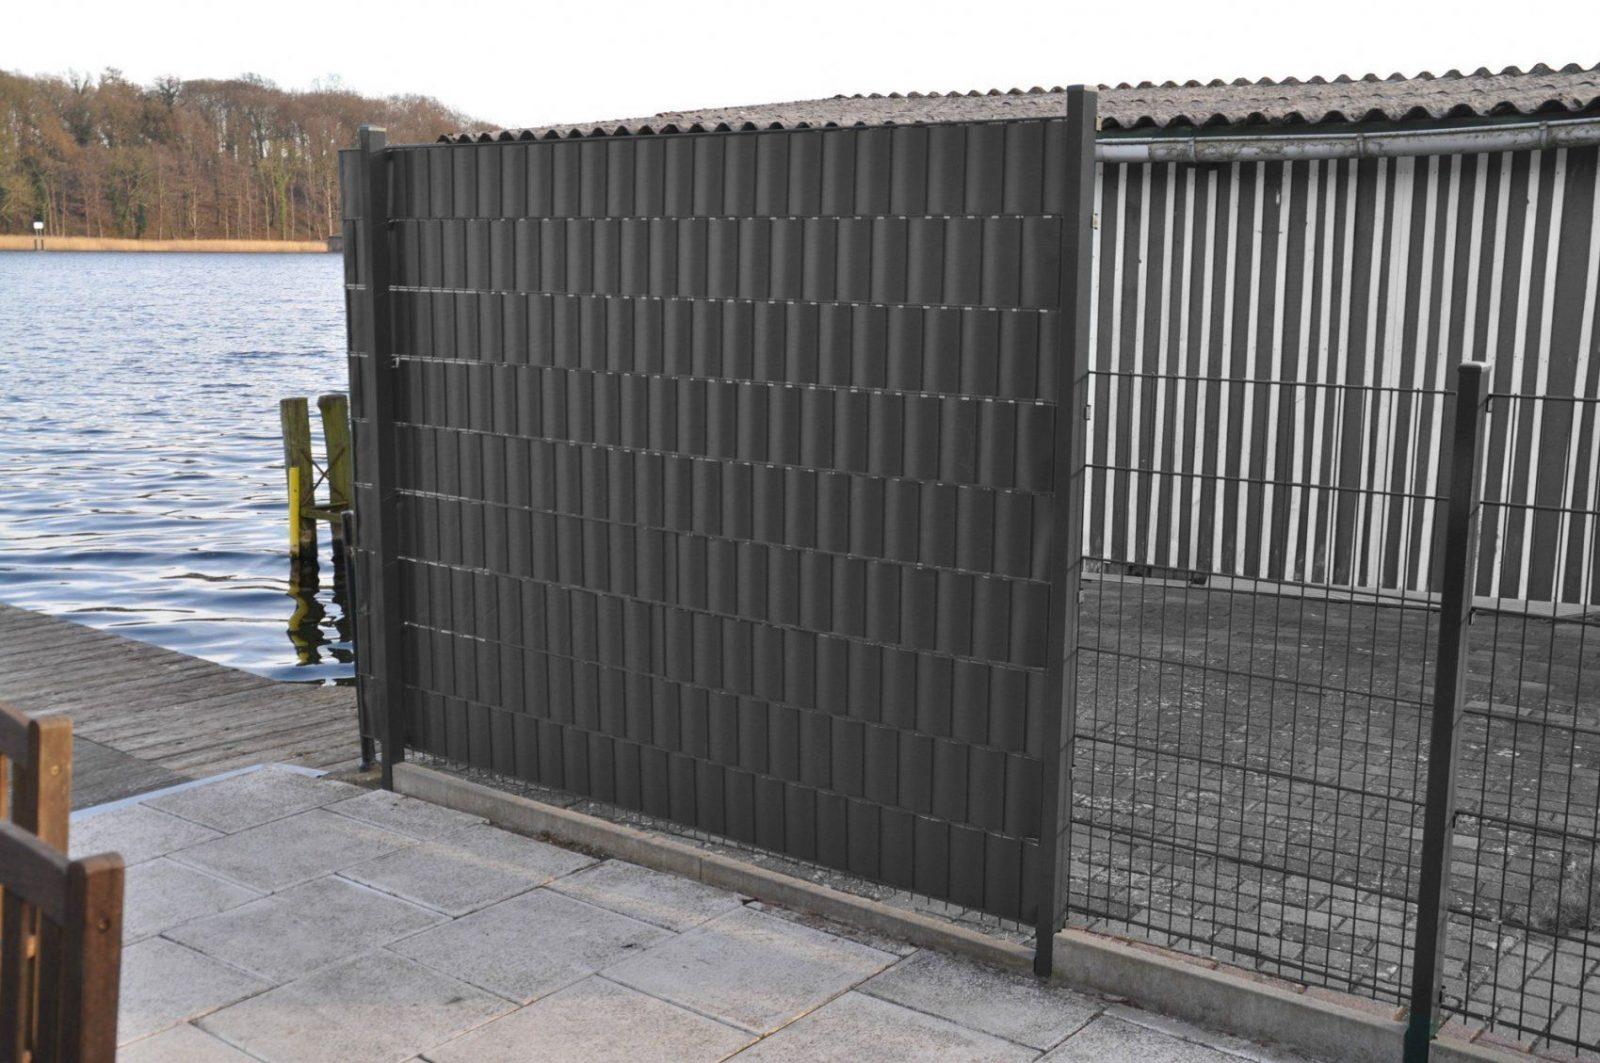 20 Pvc Grüngrau Klemmleisten Für Sichtschutz Klemmschienen von Pvc Sichtschutz Für Doppelstabmatten Bild